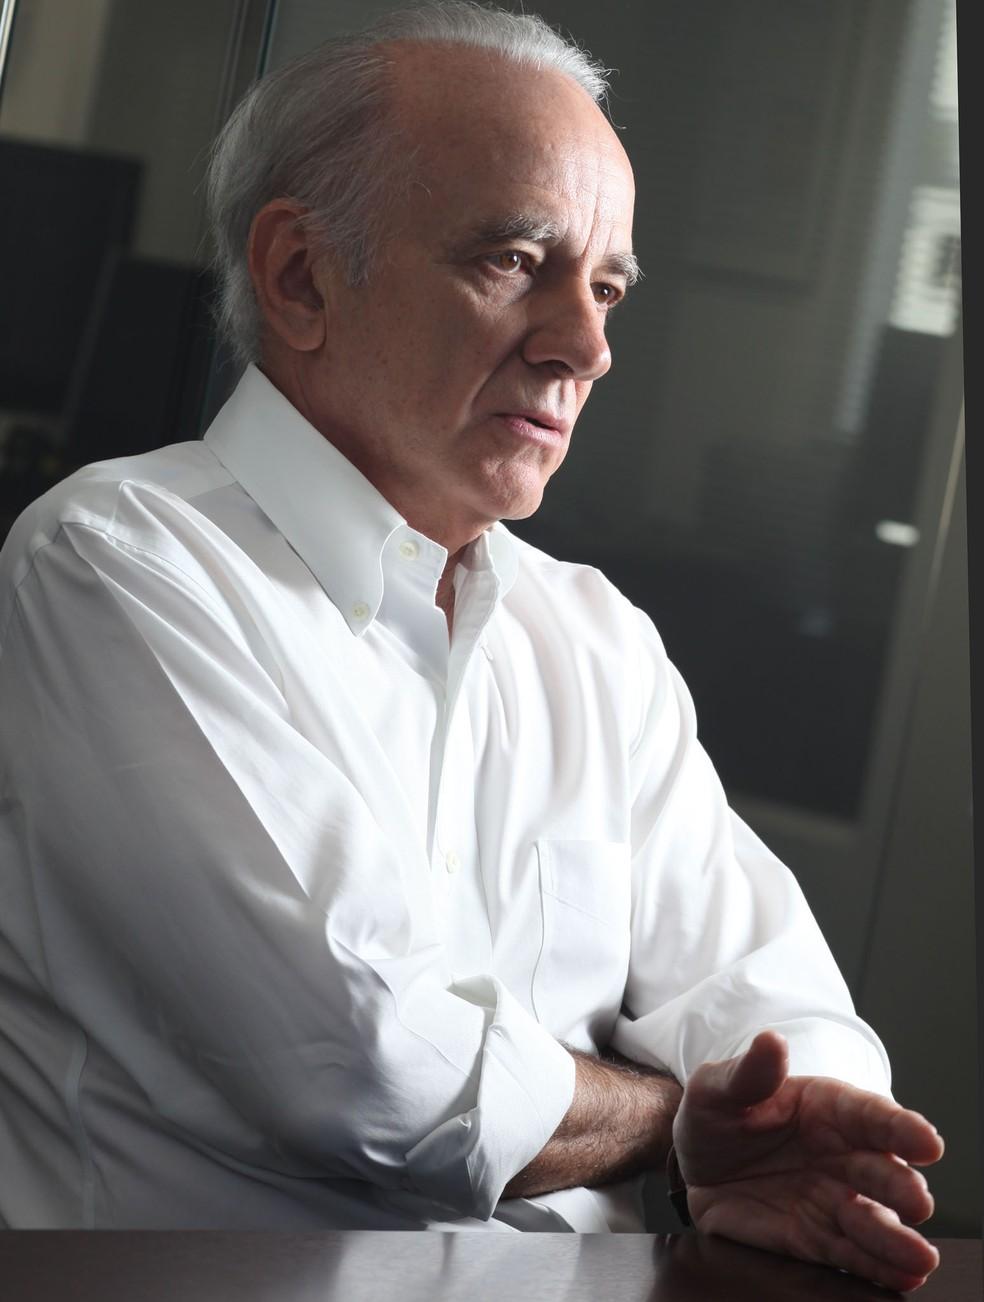 """O economista André Lara Resende lança o livro """"Consenso e Contrassenso: Por uma Economia Não Dogmática"""" — Foto: Silvia Zamboni/Valor"""